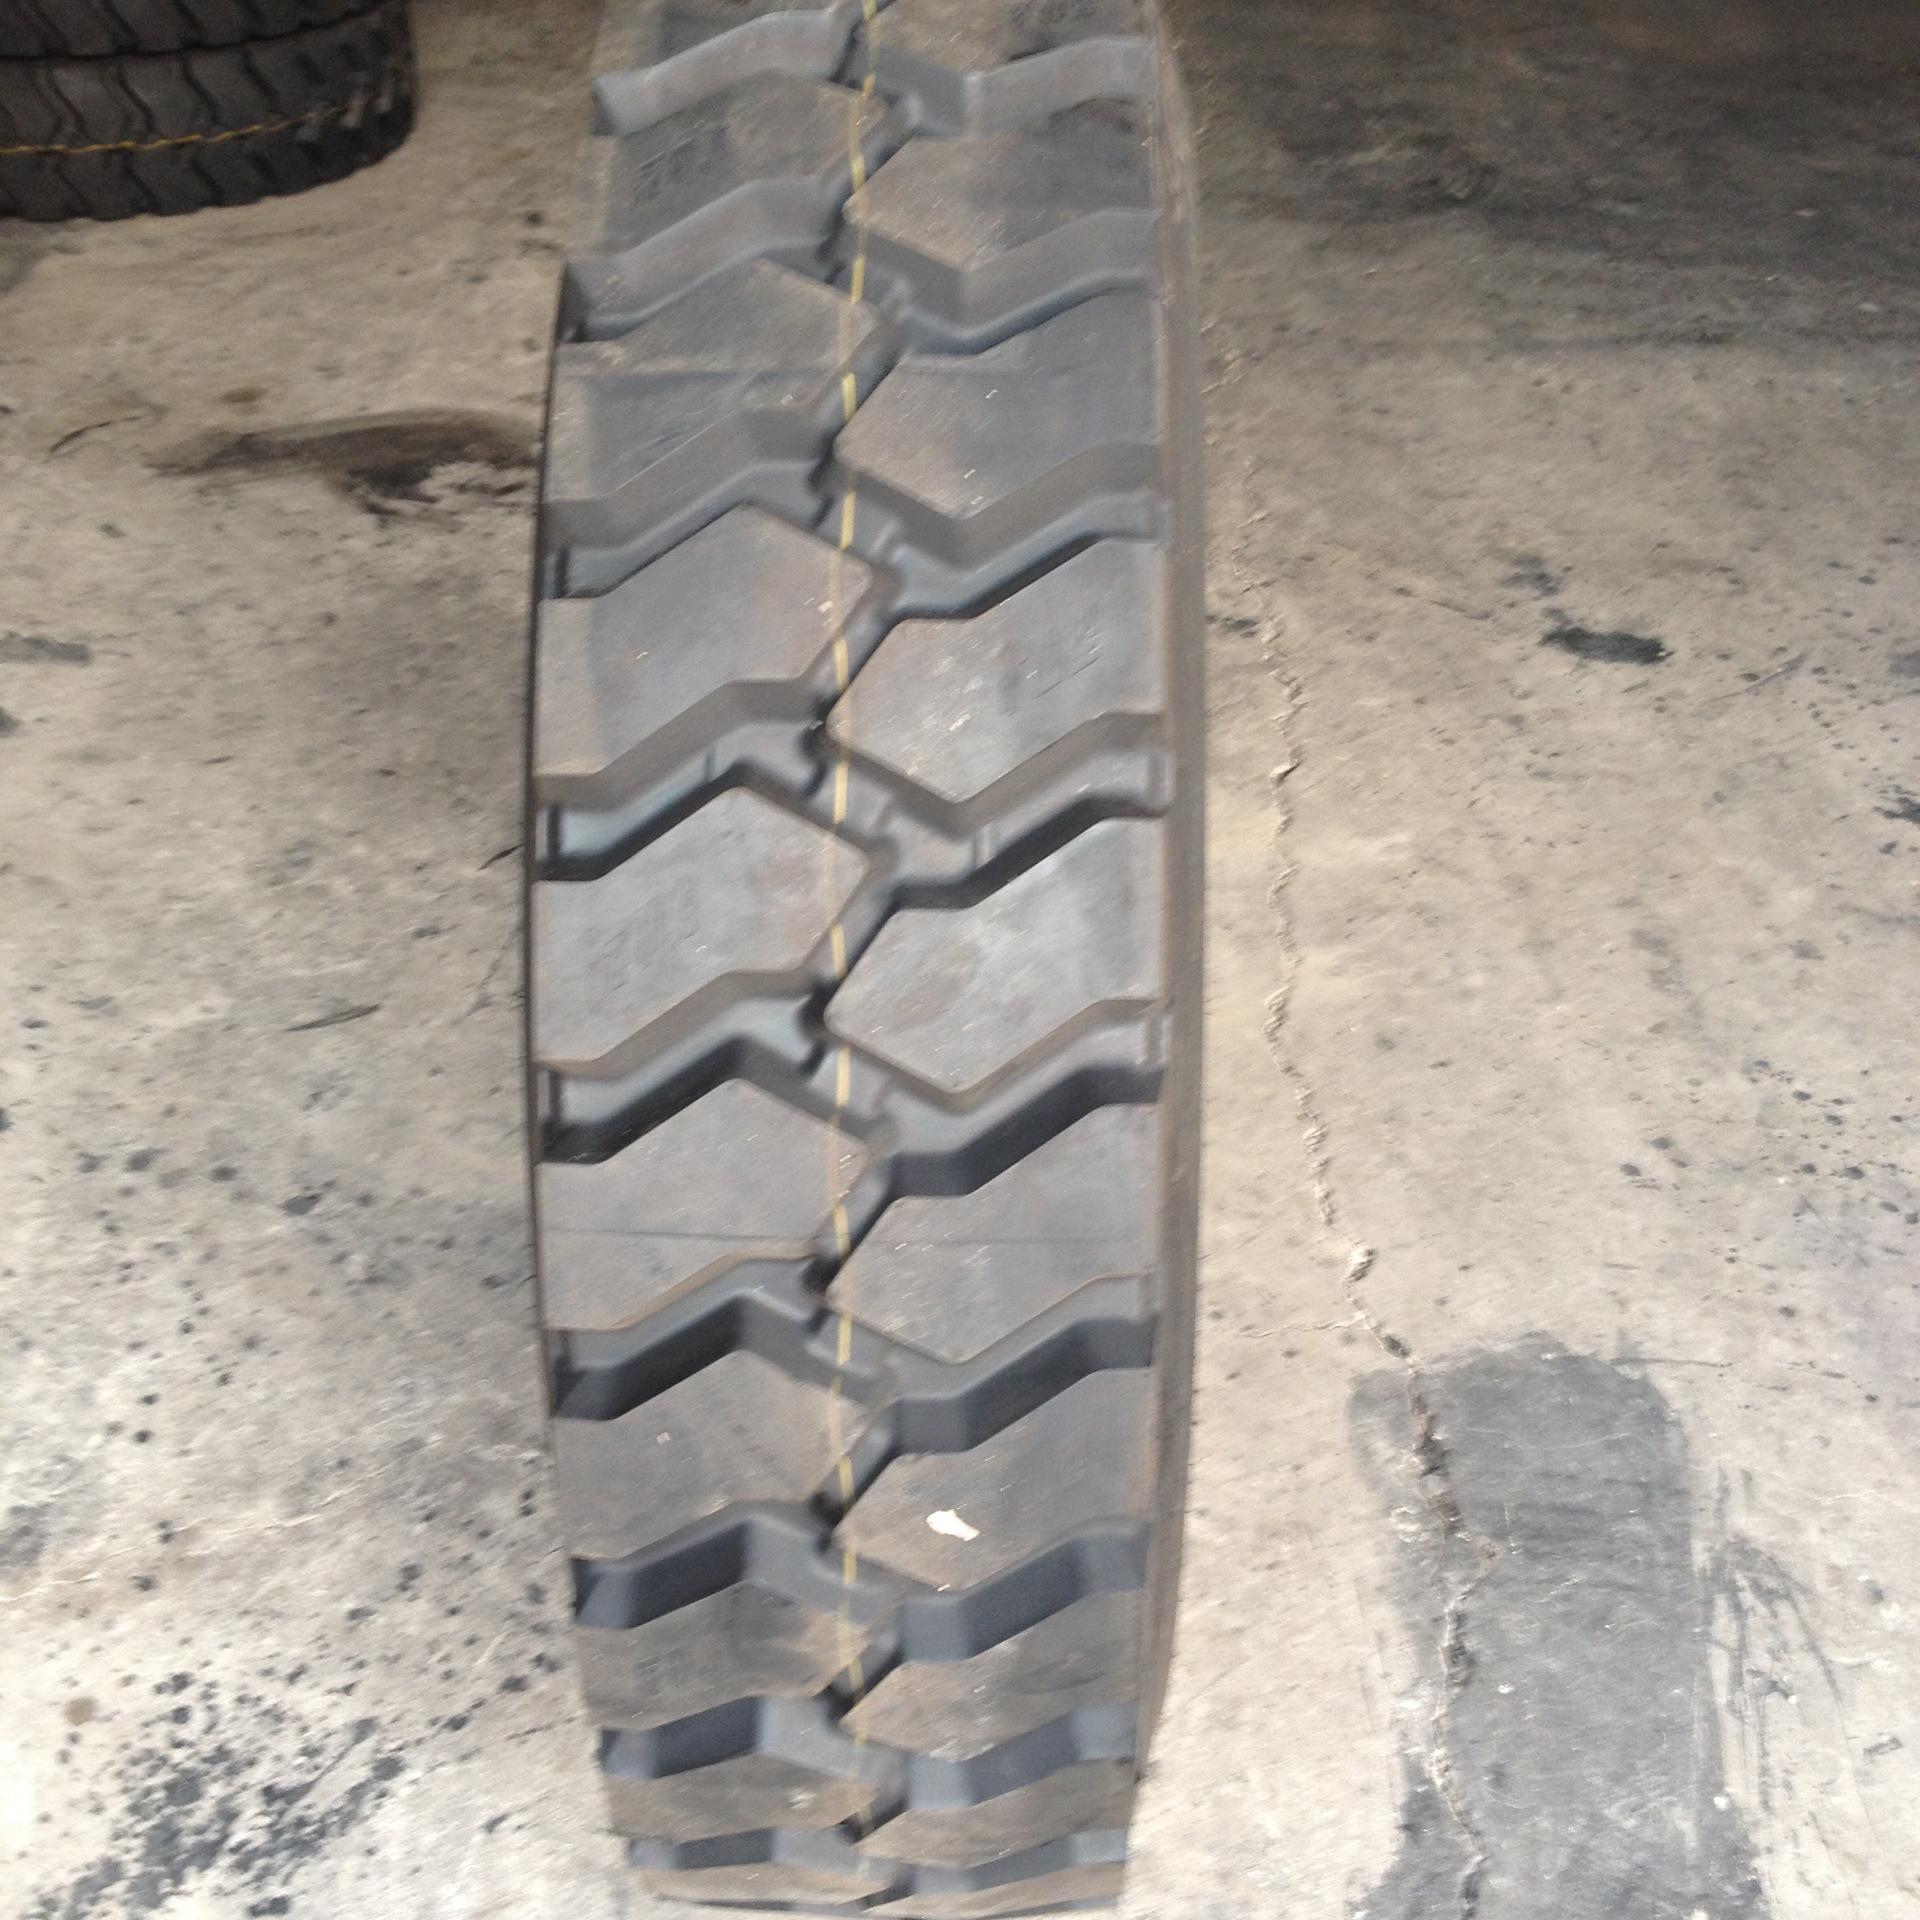 Lốp Xe Tải loại thép radial 1200R20 - Thương Hiệu ADVANCE